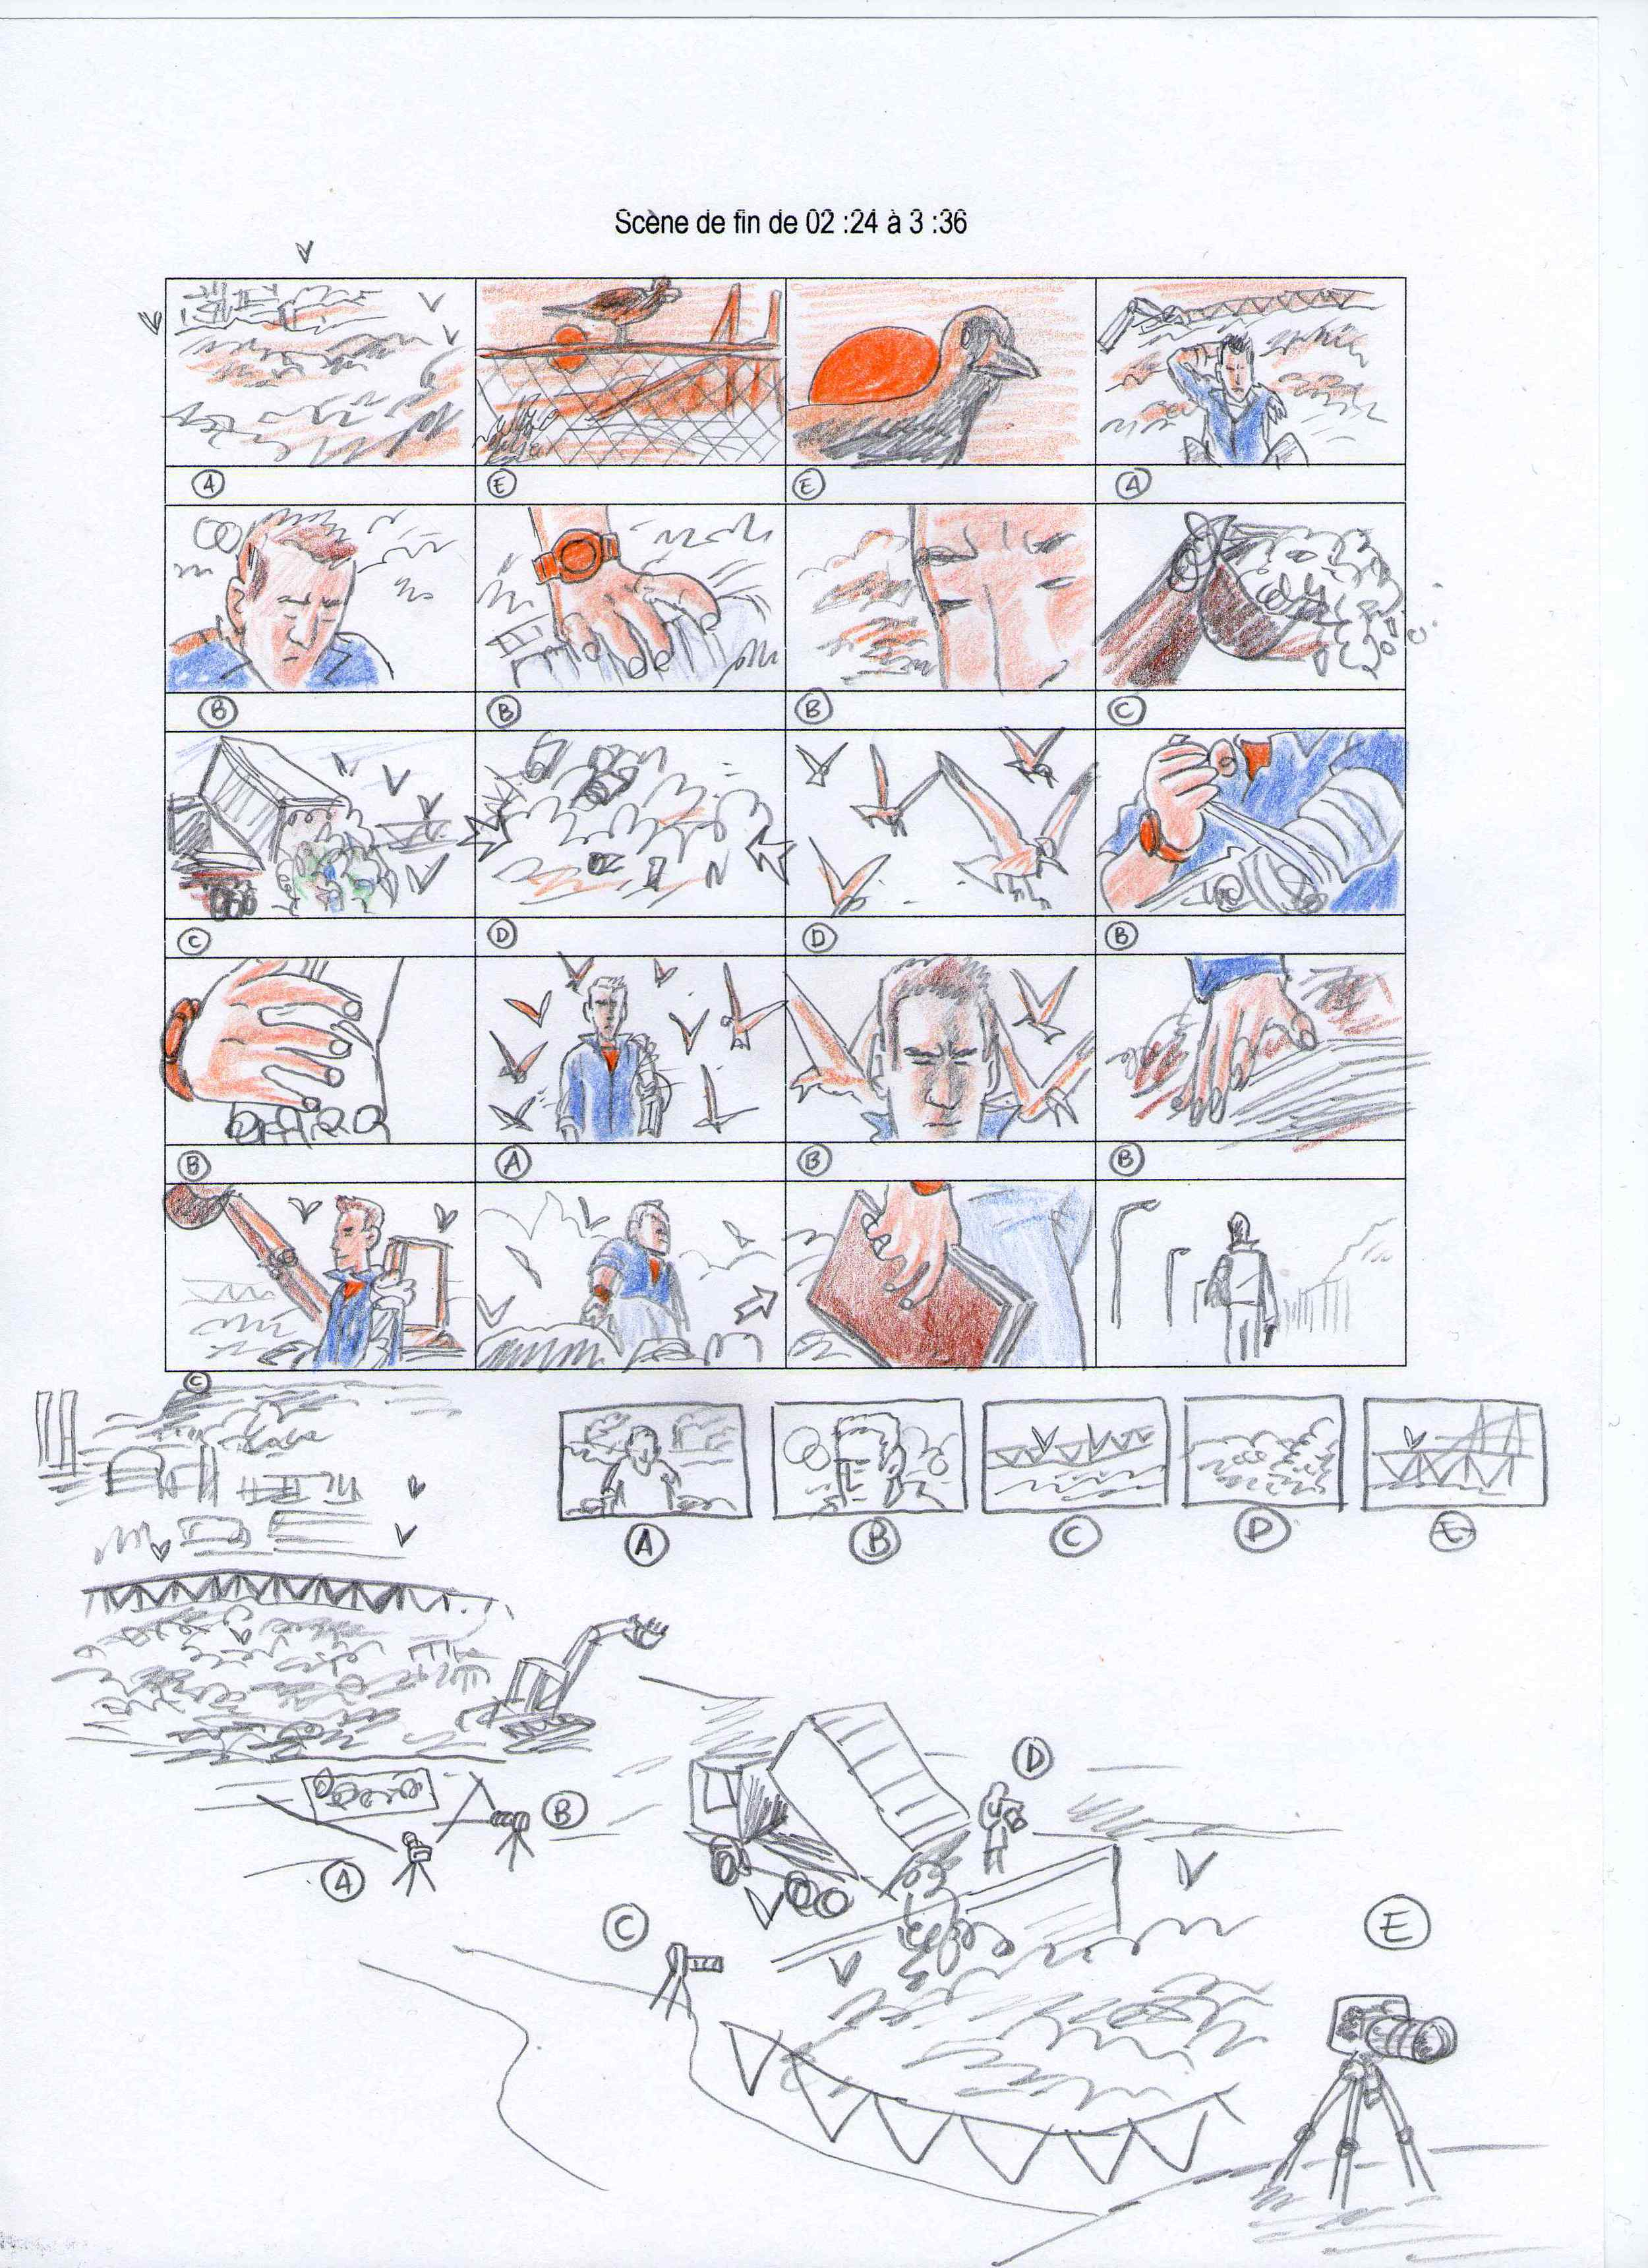 Pistock Scenes Sup 2.jpg